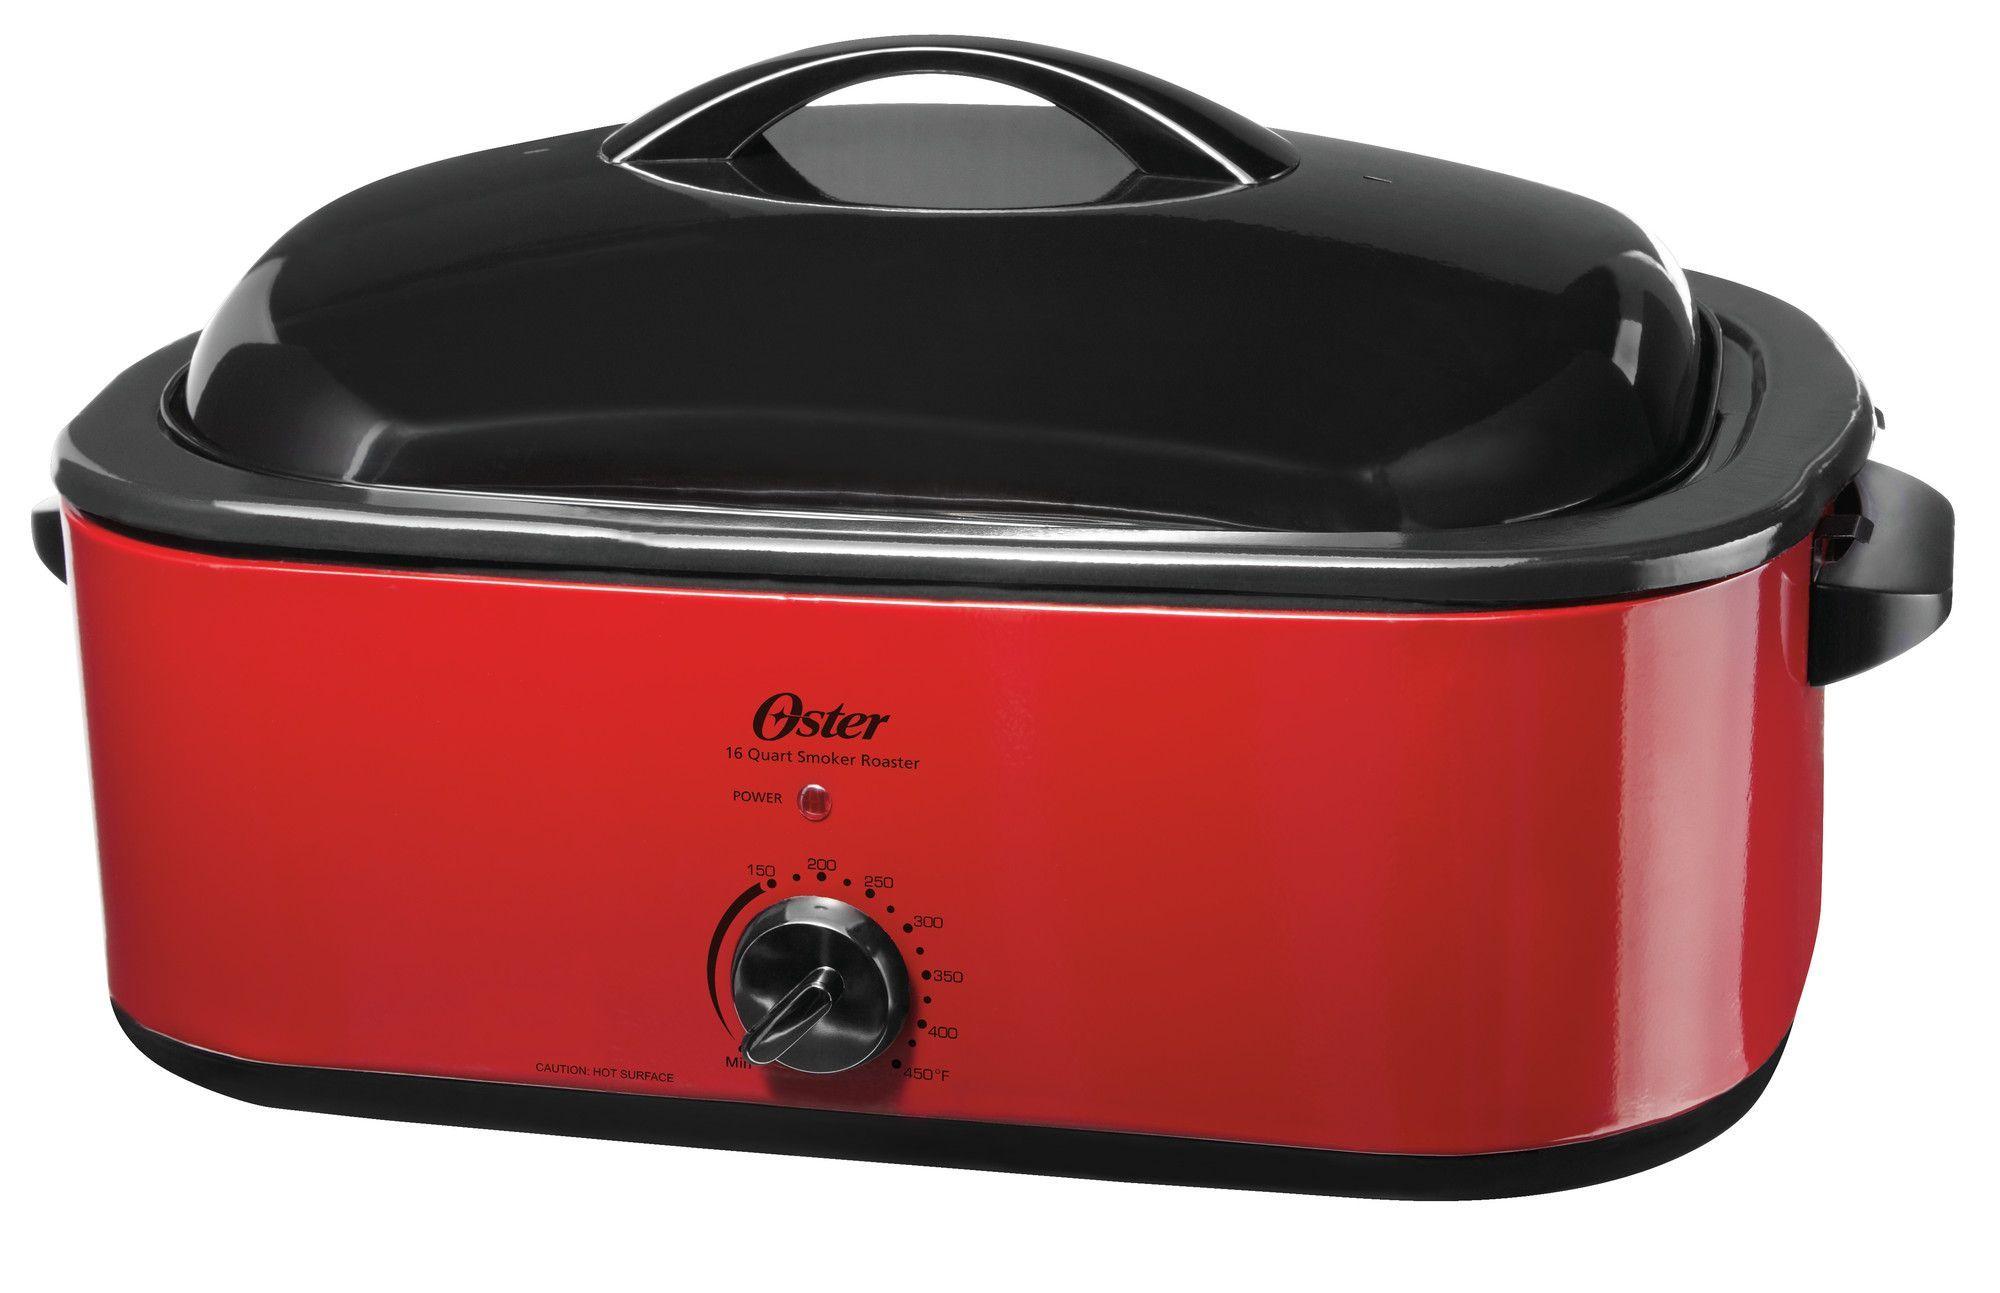 16 Quart Smoker Roaster Oven Roaster Ovens Roaster Oven Reviews